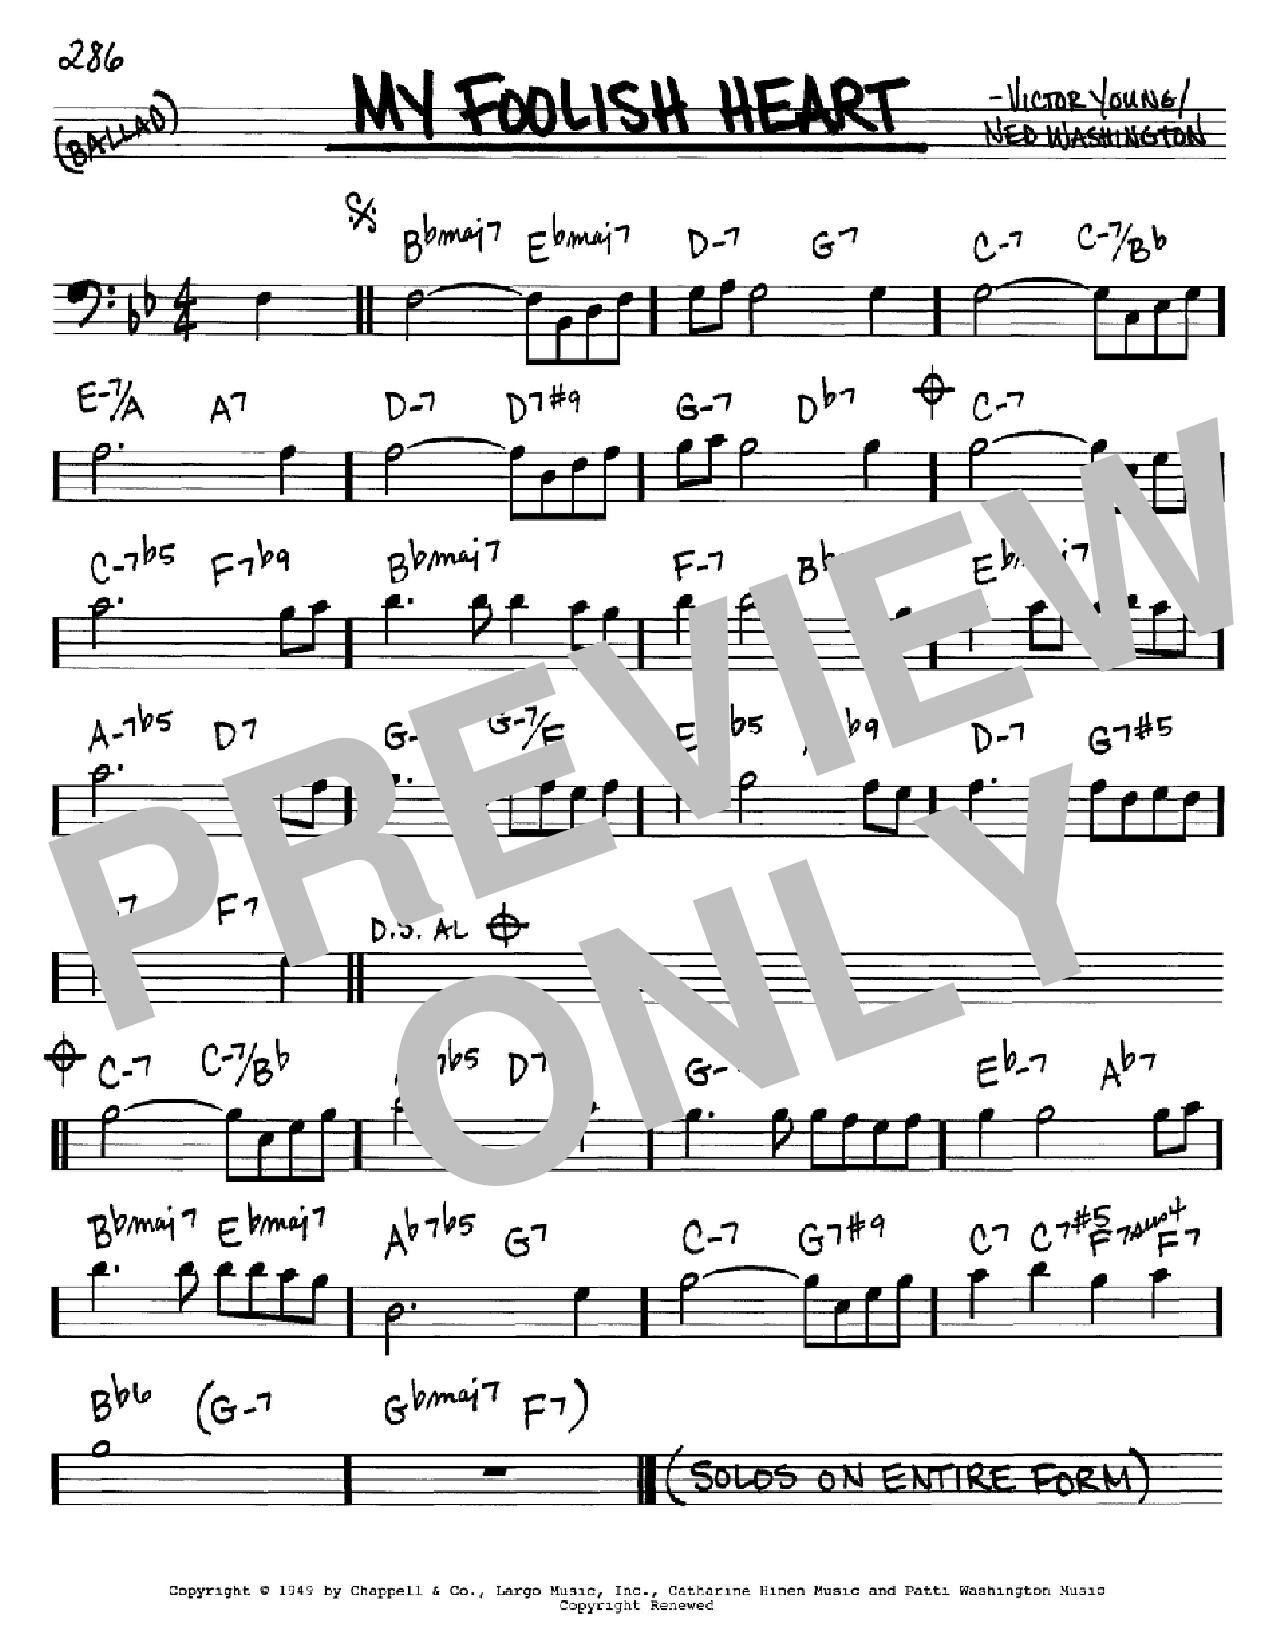 Partition autre My Foolish Heart de Ned Washington - Real Book, Melodie et Accords, Inst. En cle de Fa